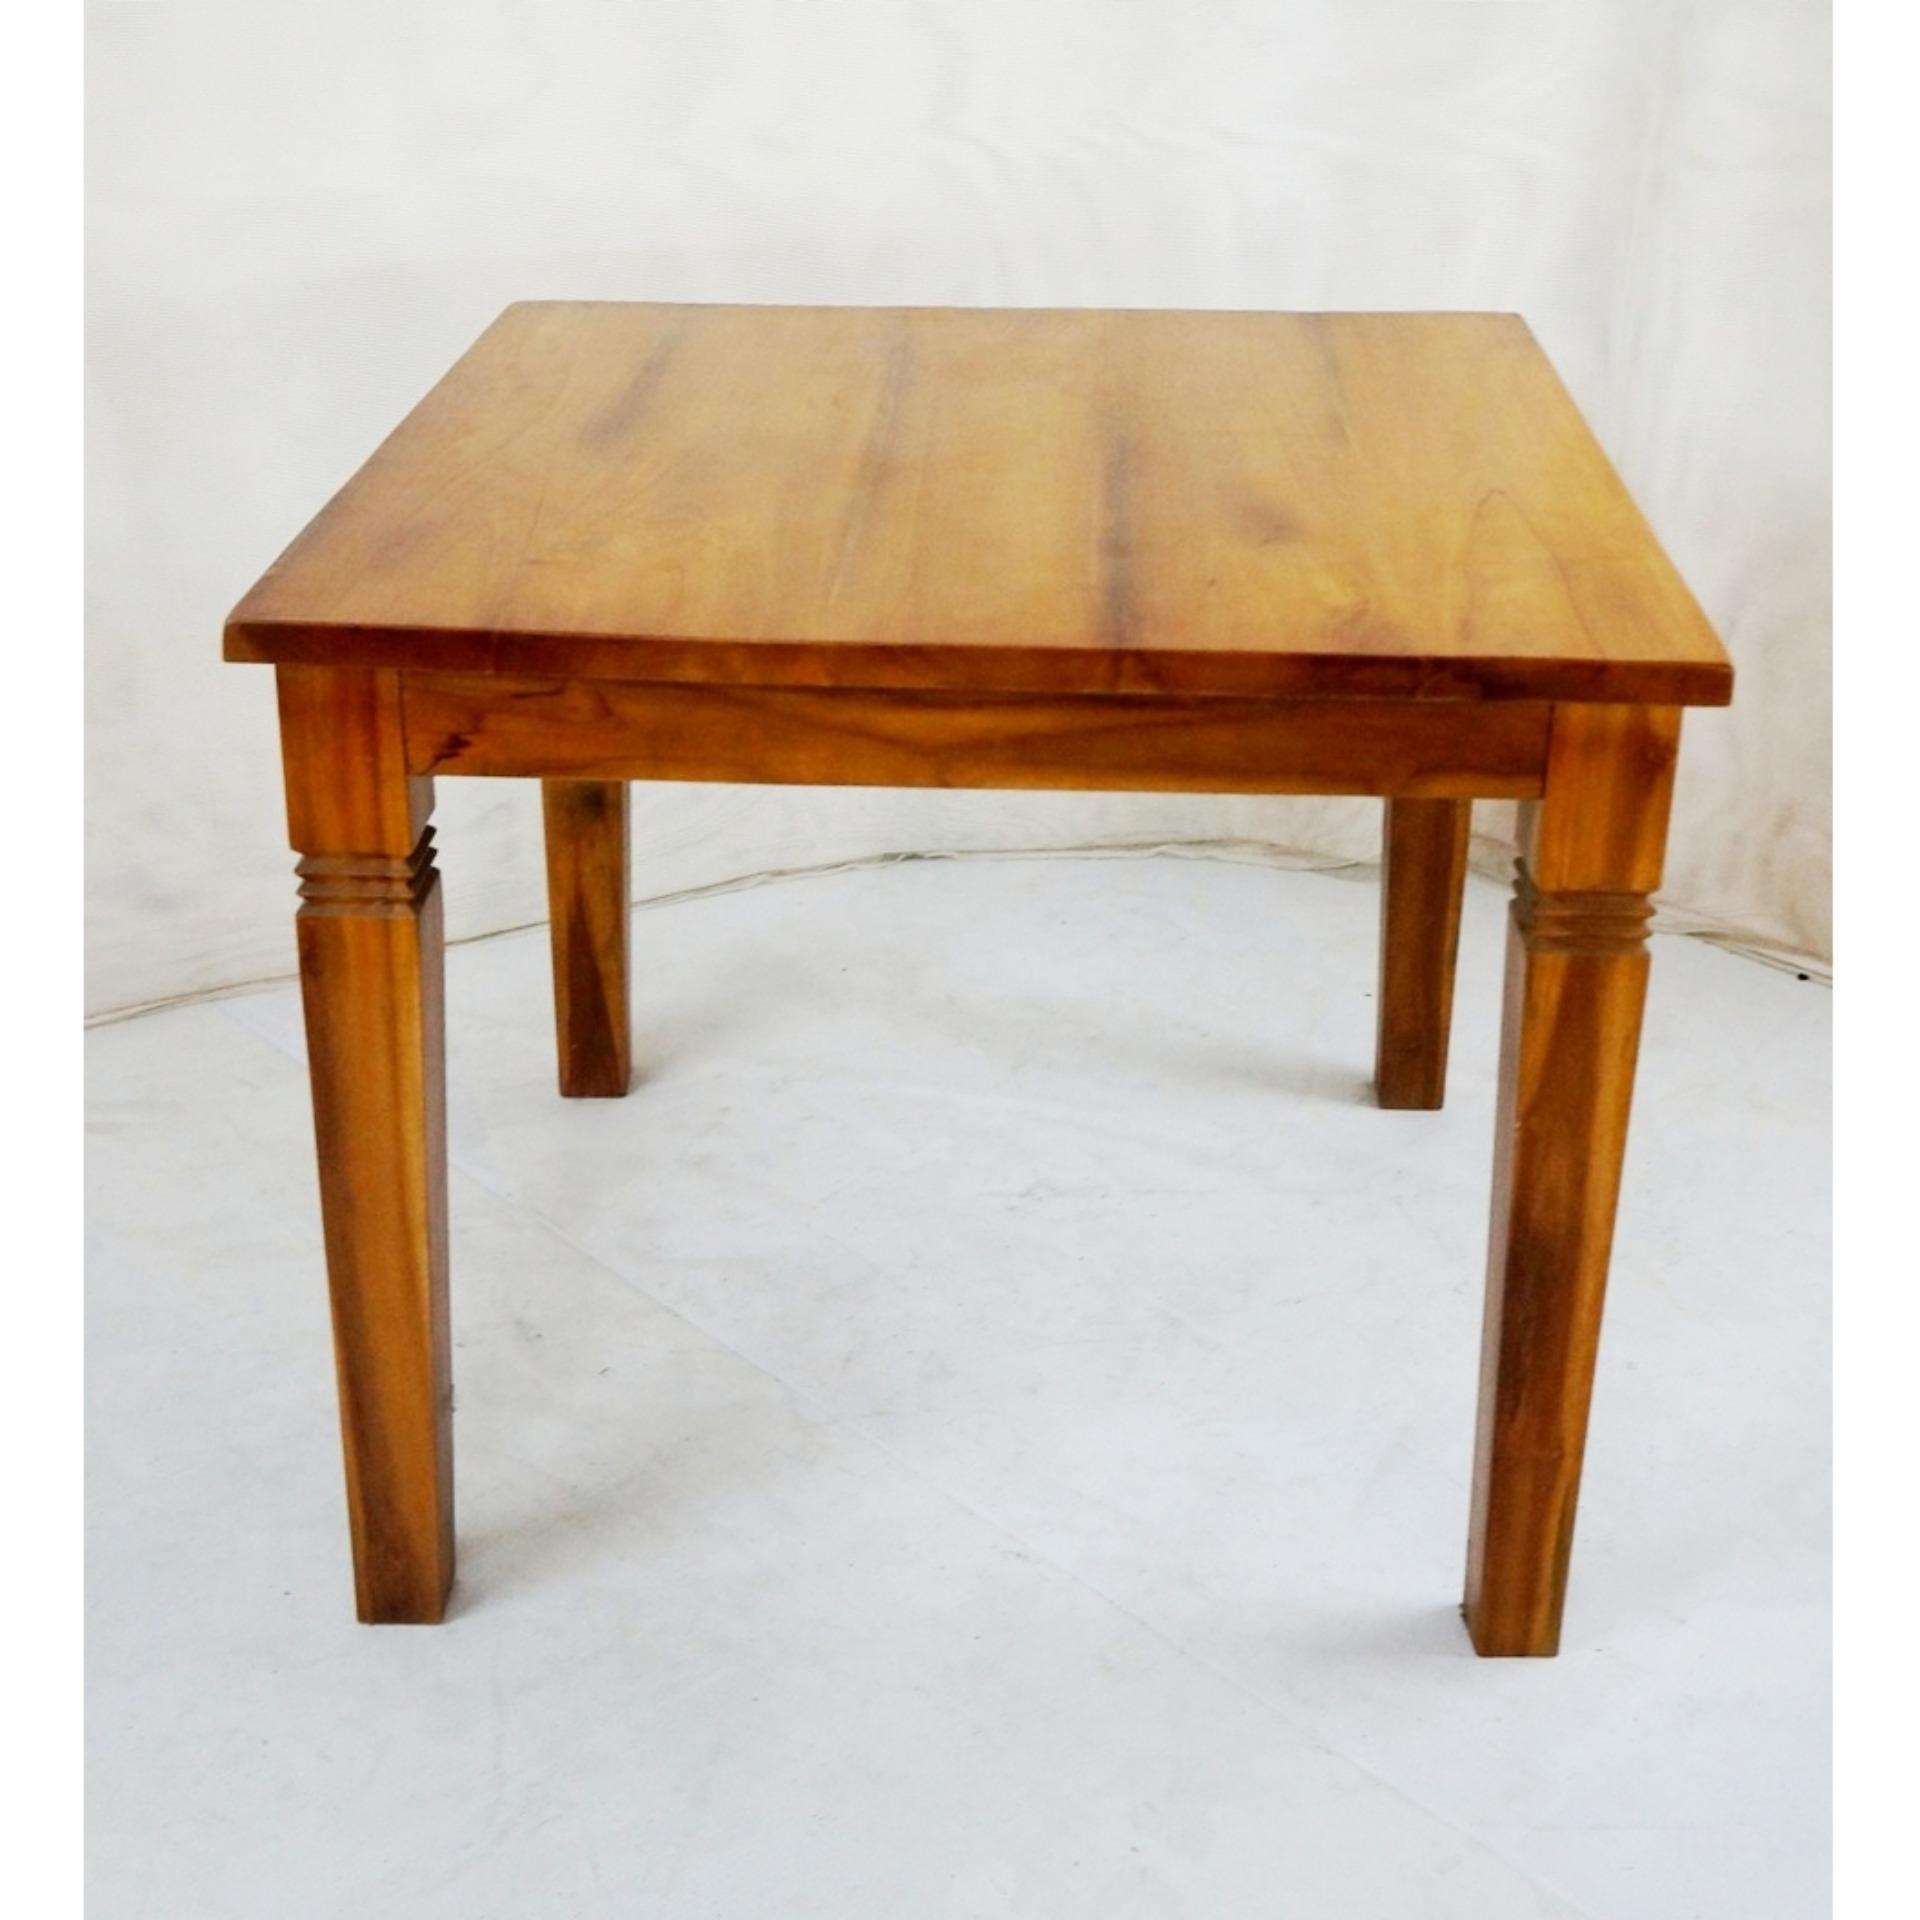 Linden Teak Handcrafted Solid Teak Wood Fixblock Dining Table 90x90  Furniture (Gold TeakSeries Indoor Design ...